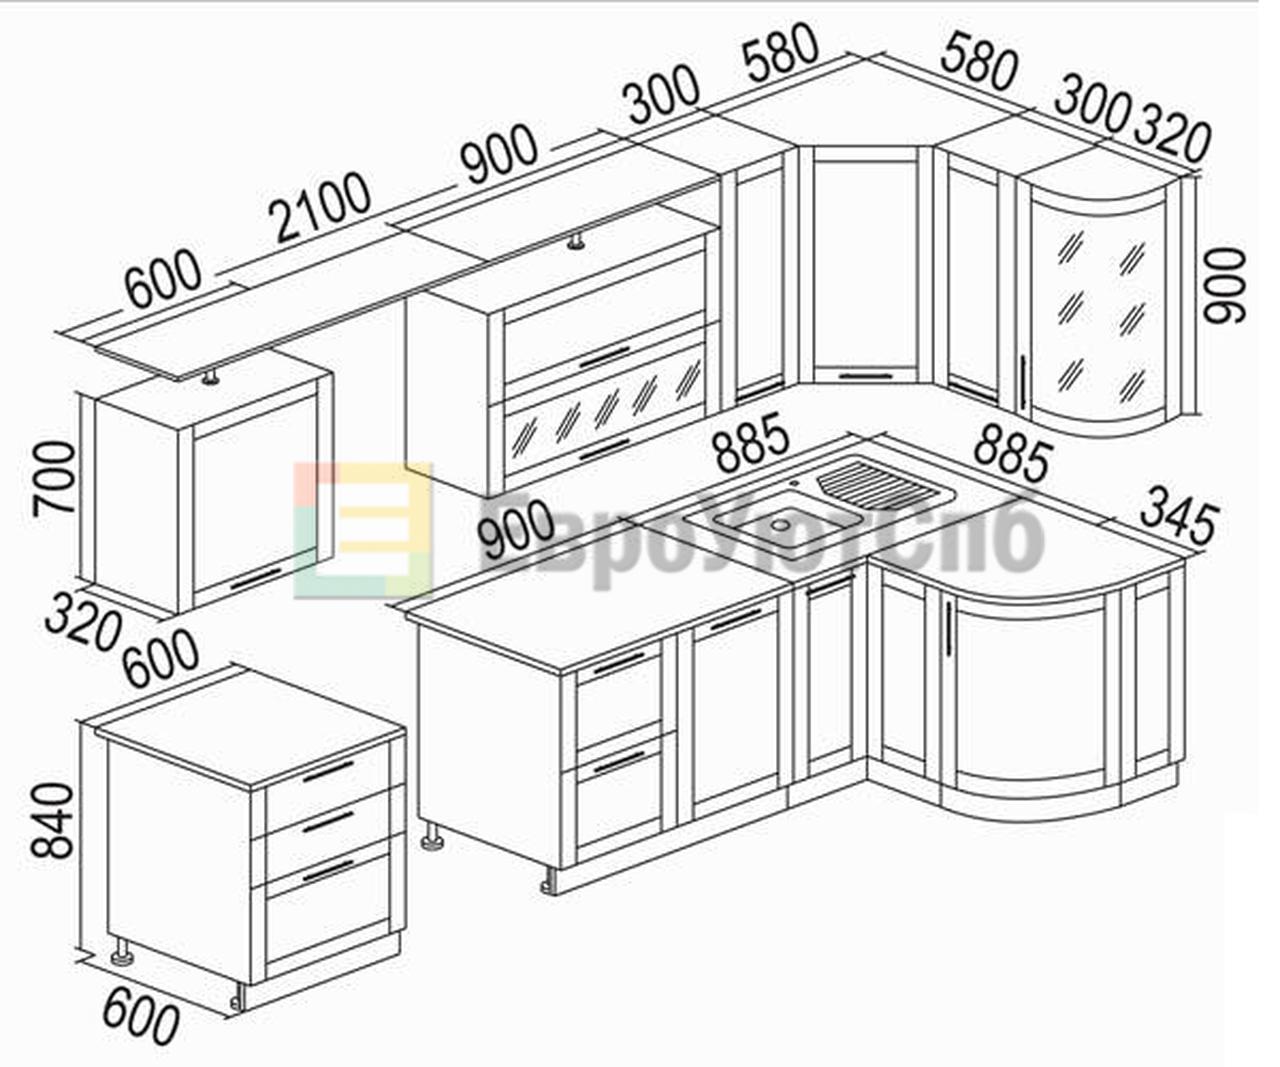 Кухонная мебель своими руками чертежи